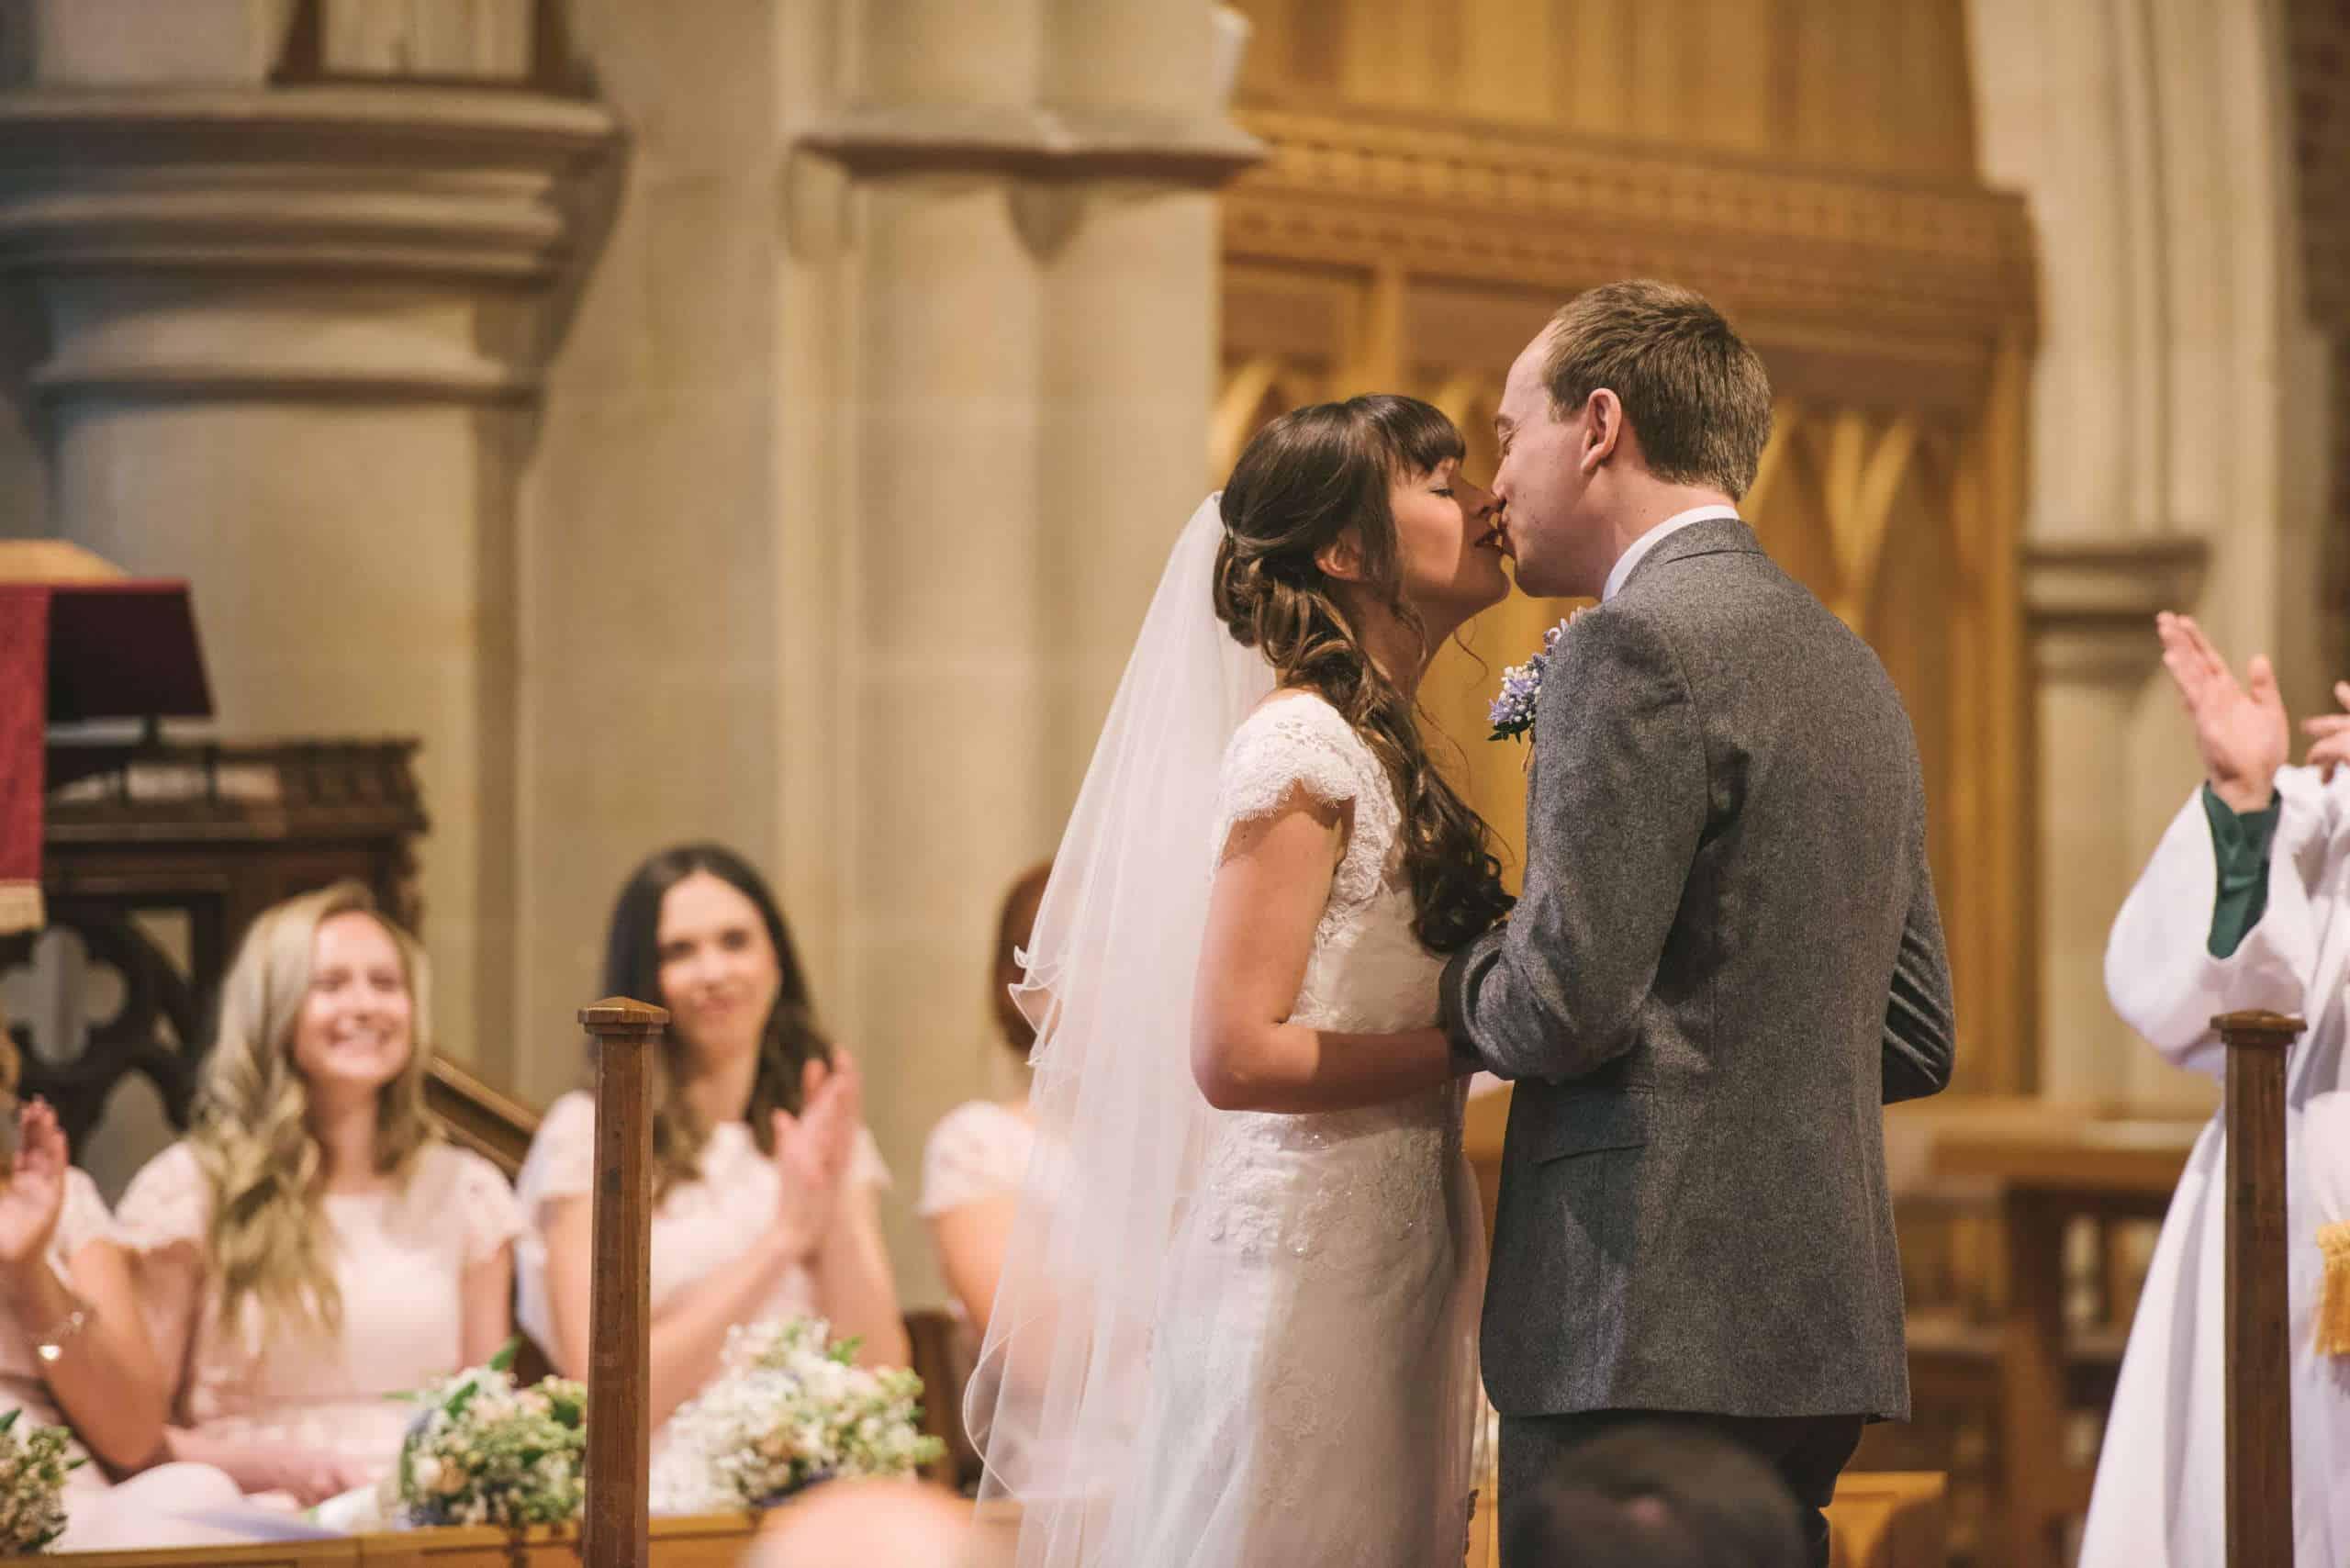 230416 Essex Wedding Photography Baddow Gallerywood 034